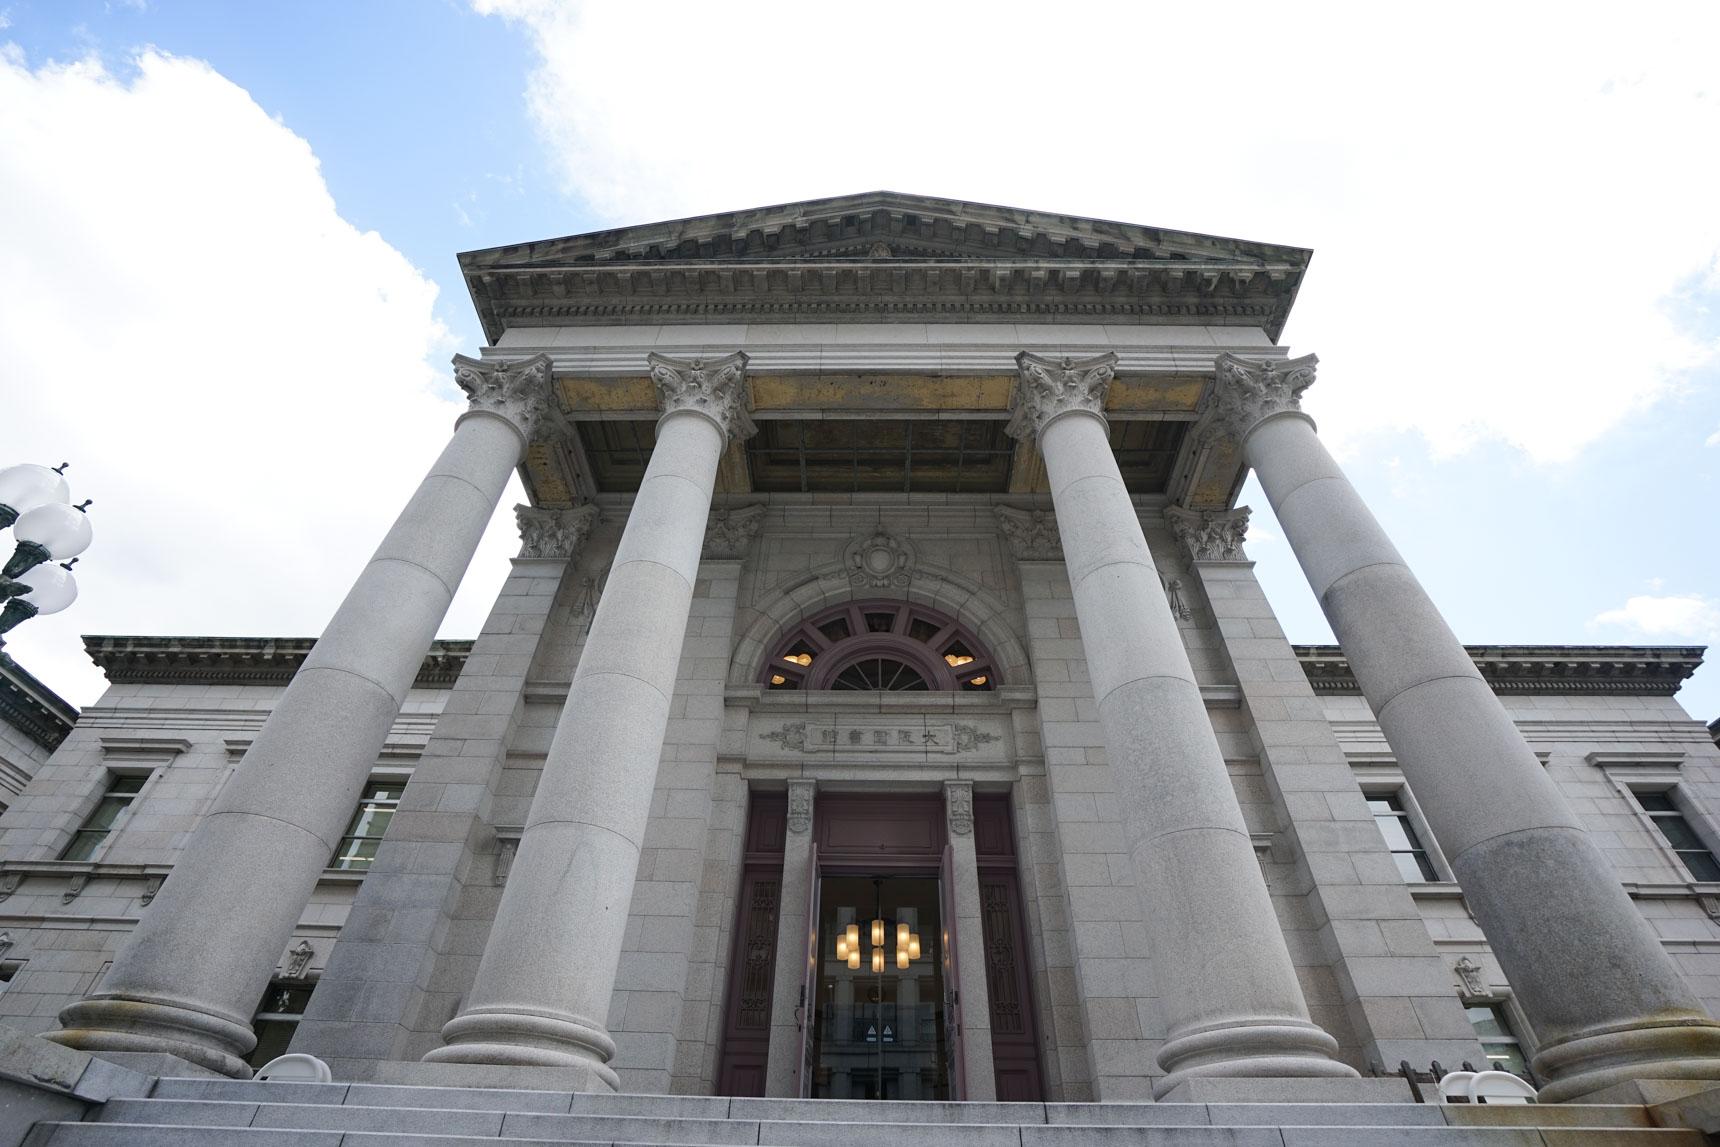 ネオ・バロック様式の建物は、国の重要文化財にも指定されています。